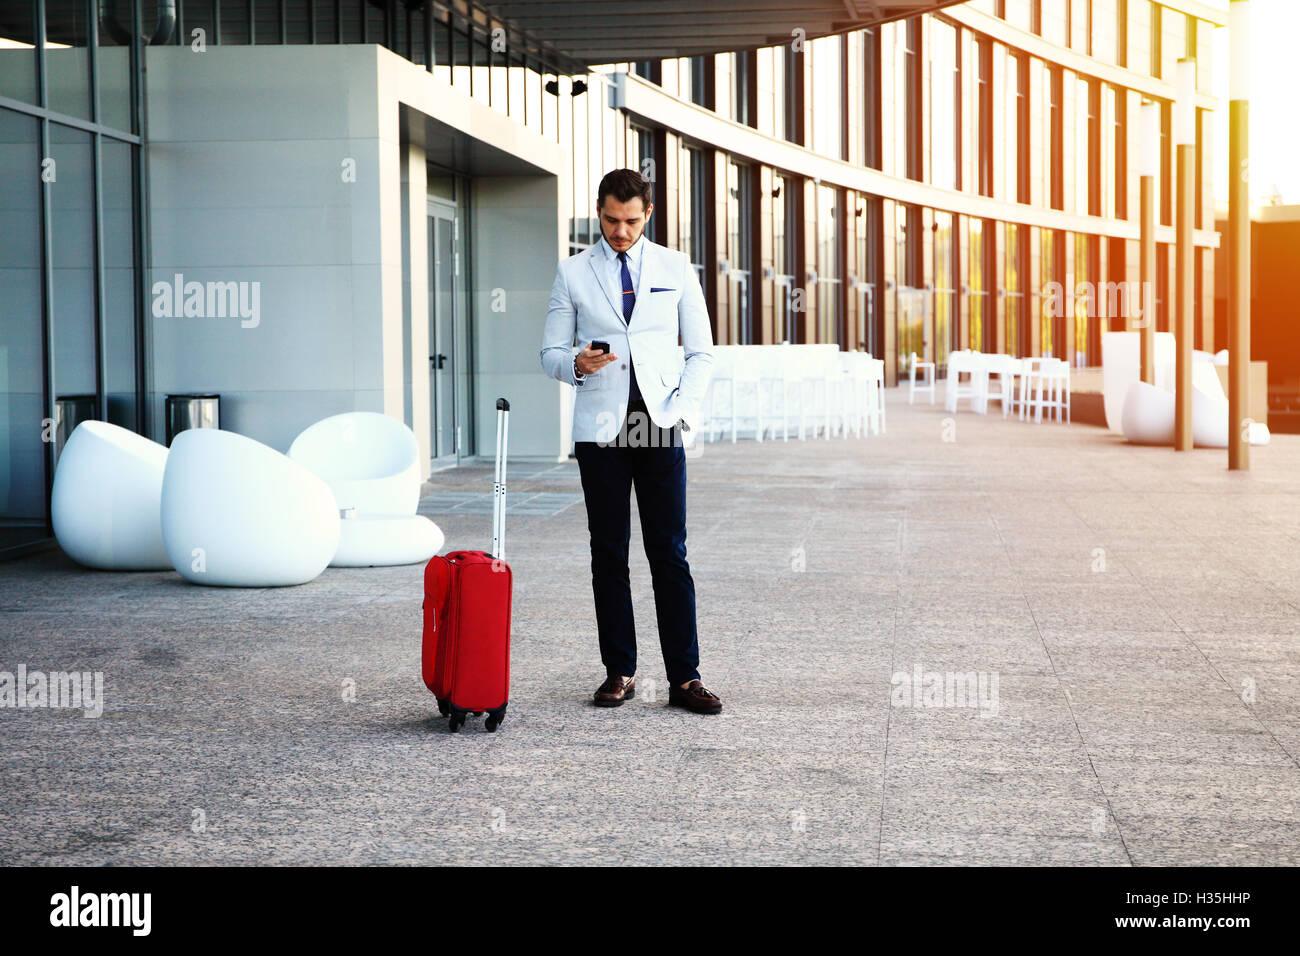 Jungen glücklich Reisenden Geschäftsmann Anruf nach der Ankunft im Hotel außerhalb mit seinem Gepäck. Stockbild